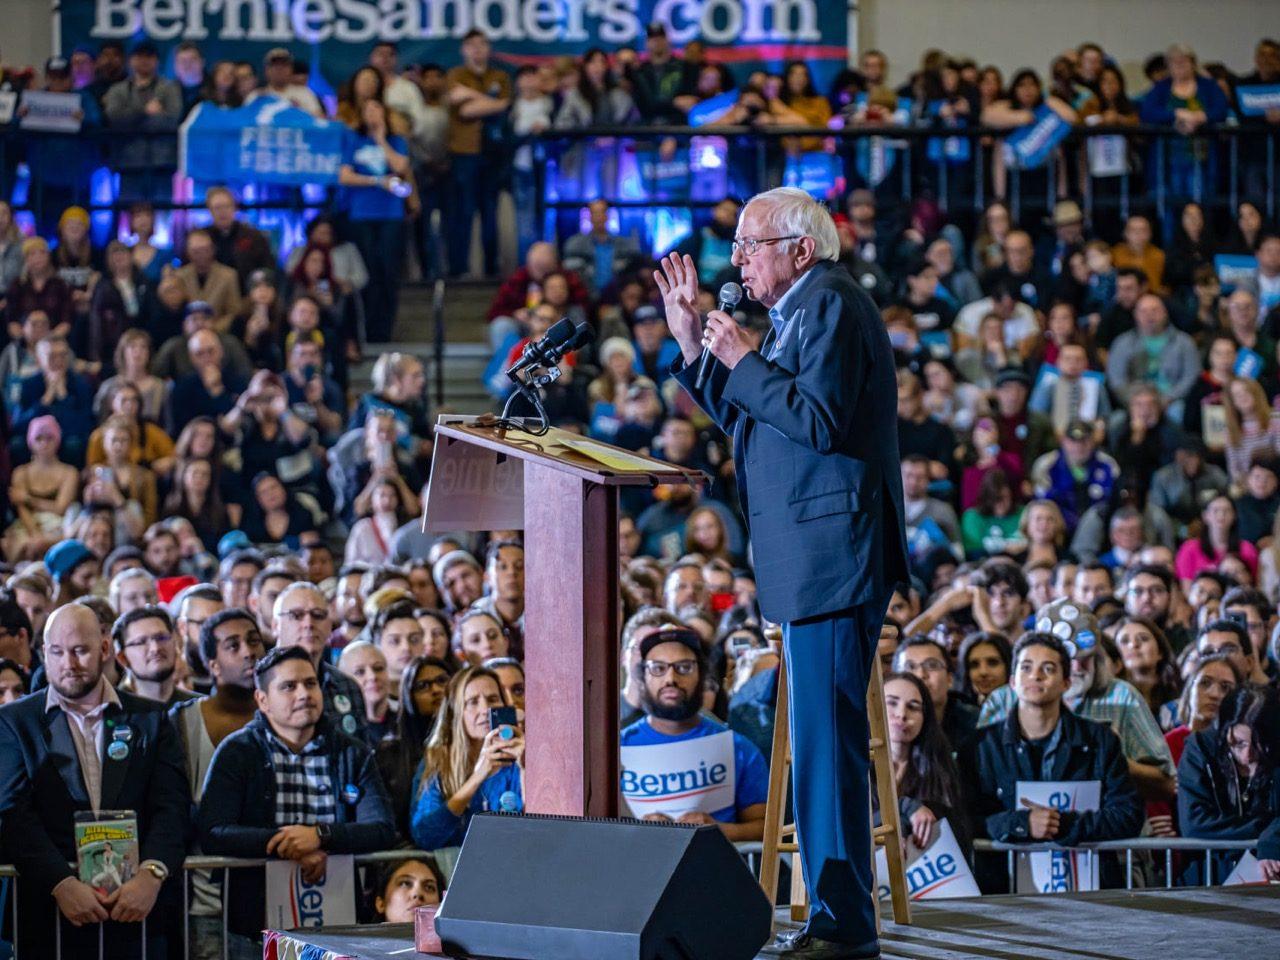 Bernie Sanders è il candidato favorito alle primarie democratiche statunitensi